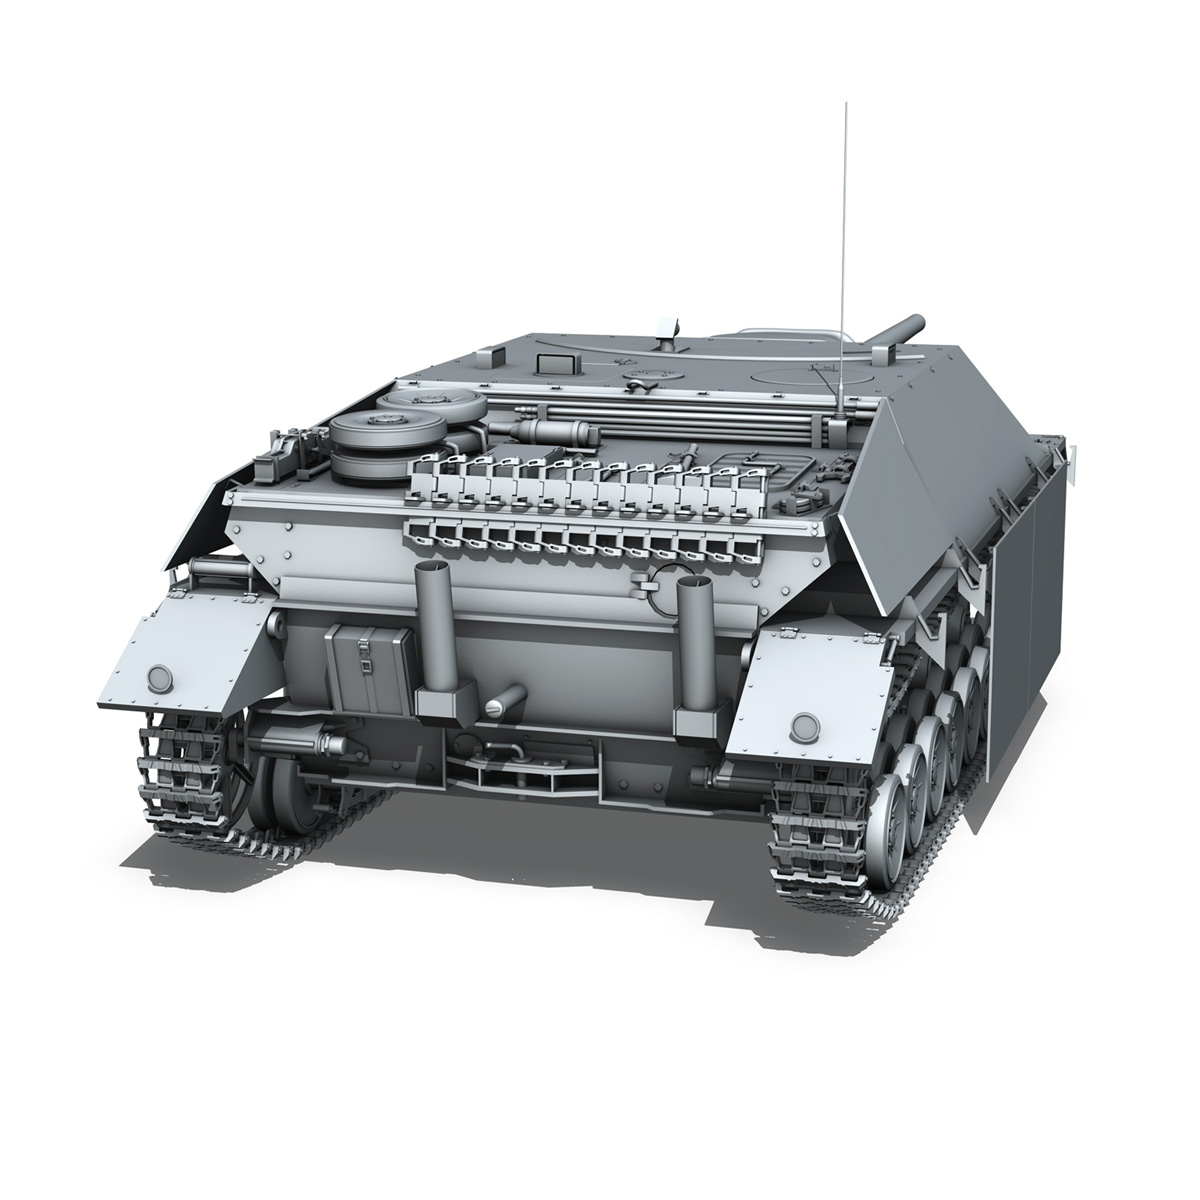 jagdpanzer iv l/70 (v) late production 3d model 3ds fbx c4d lwo obj 202022